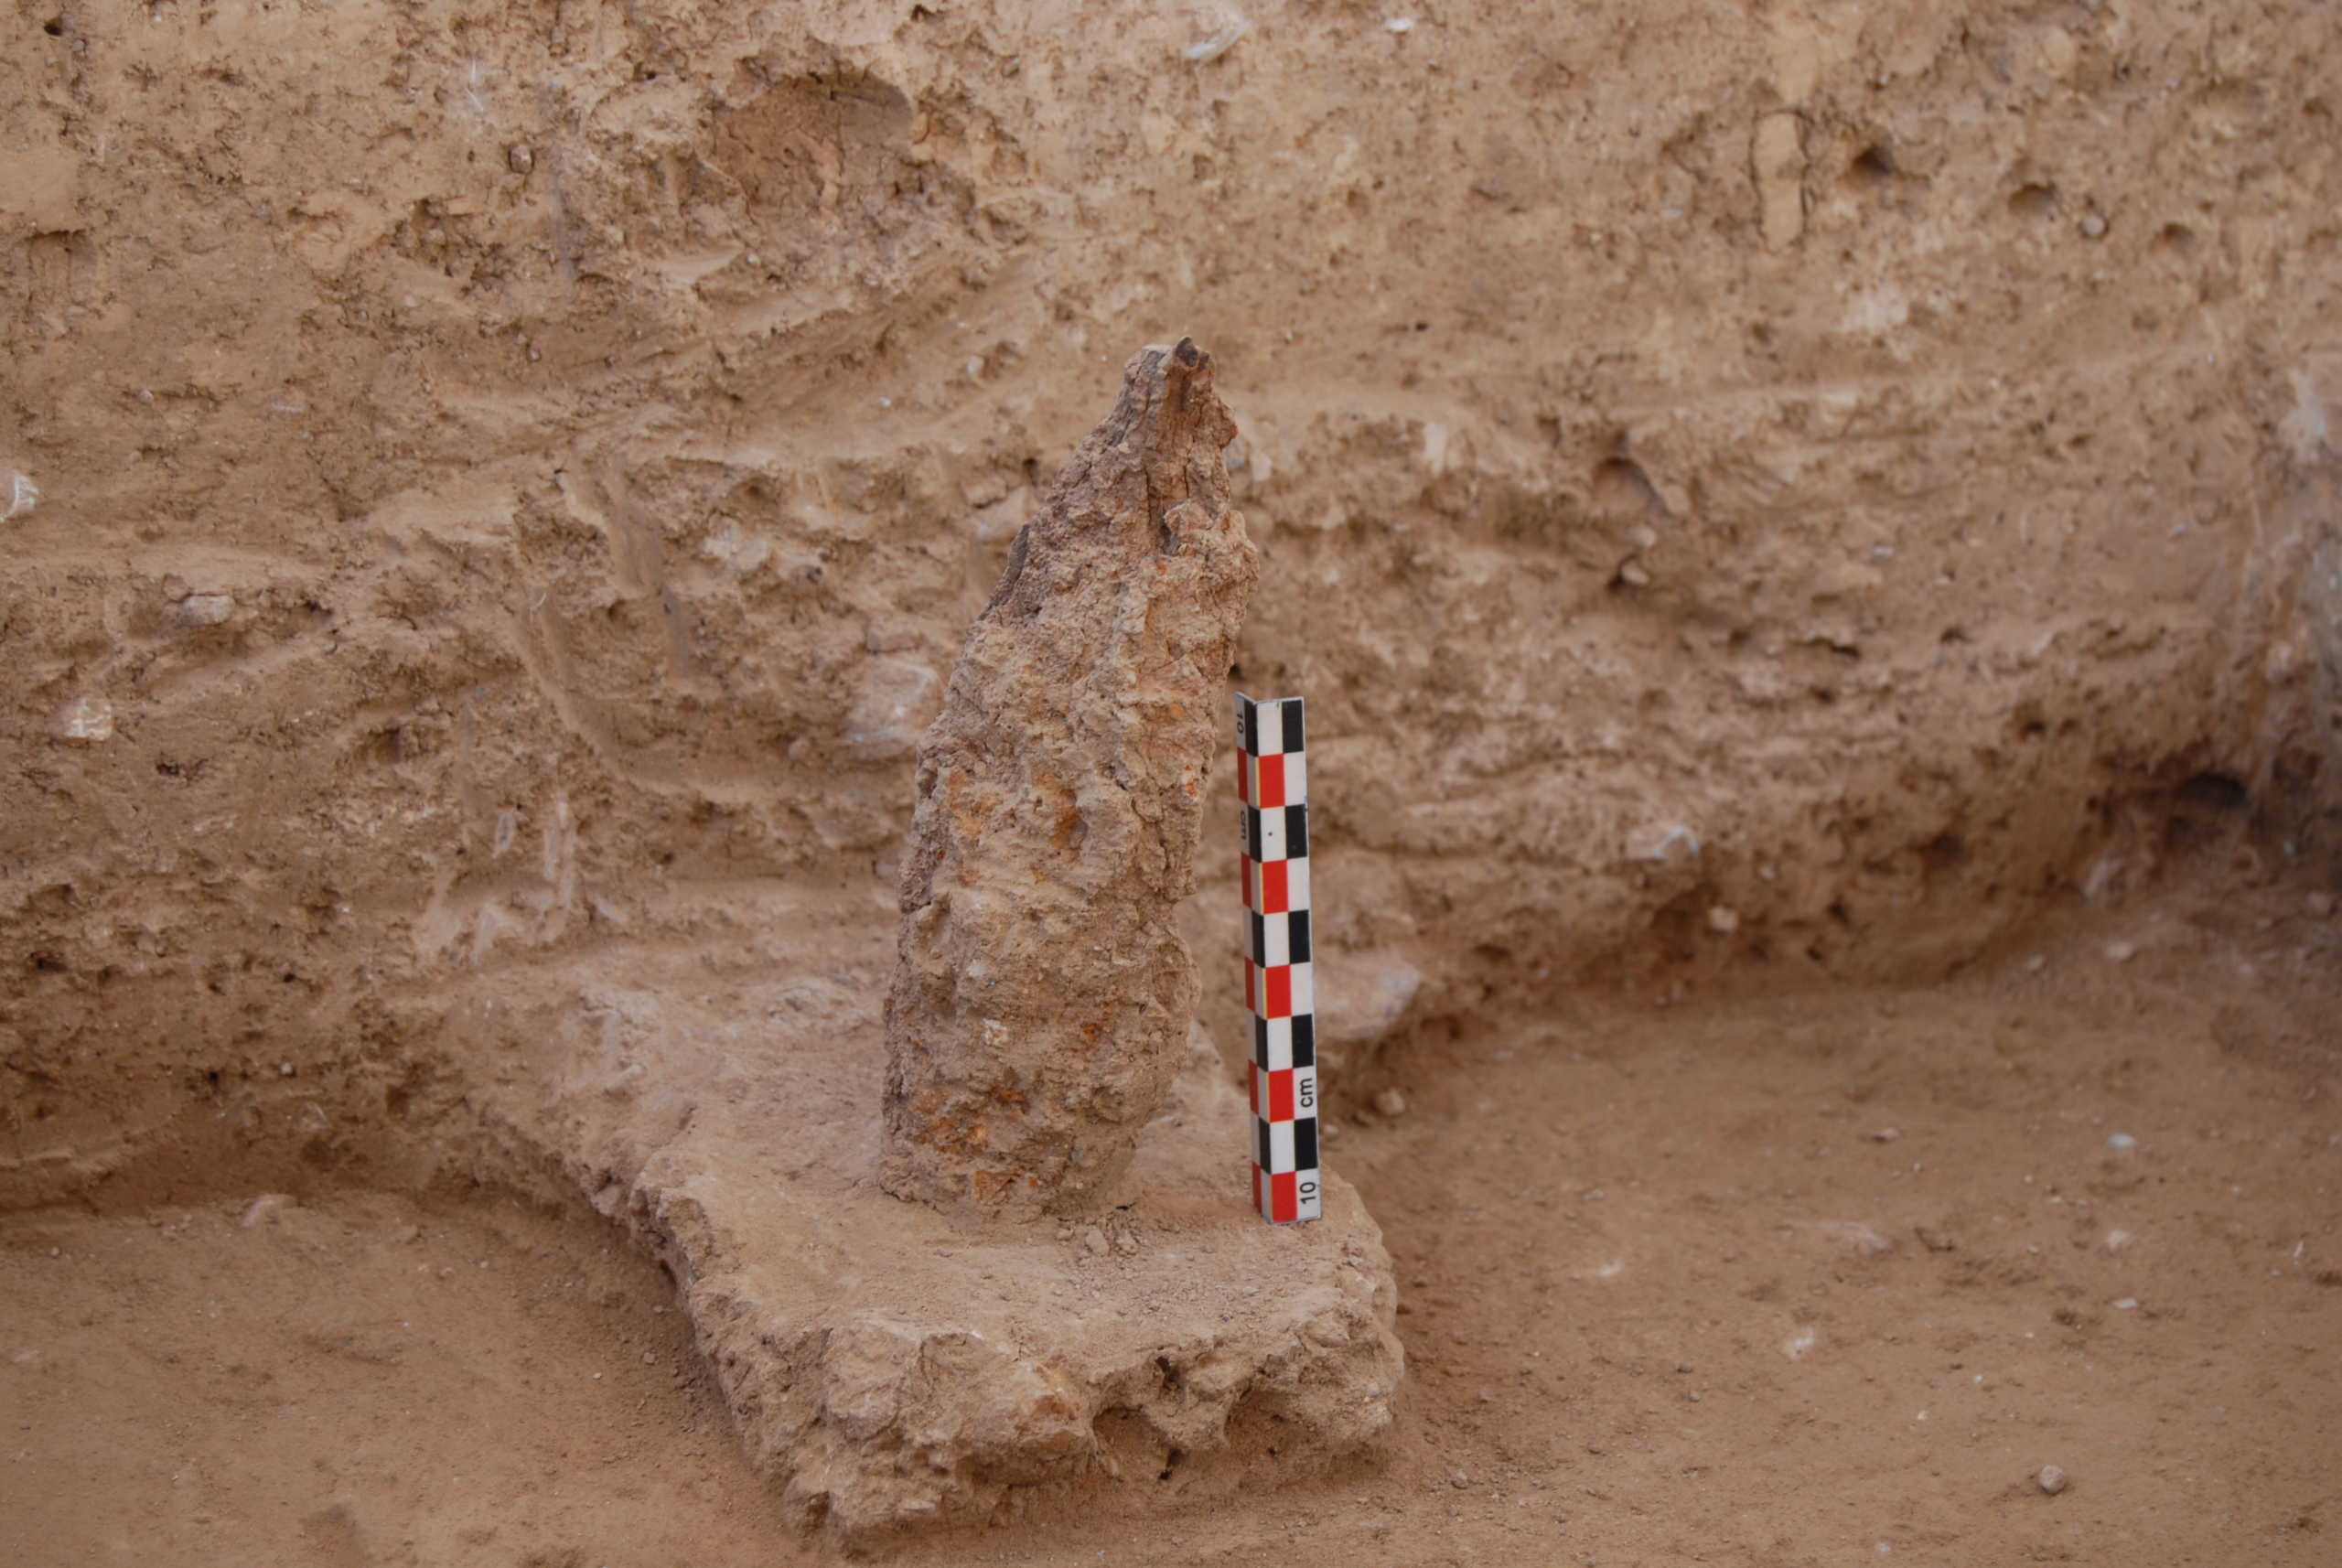 Σημαντικά τα αποτελέσματα της φετινής αρχαιολογικής έρευνας στο Ιερό του Ελικωνίου Ποσειδώνα (pics)